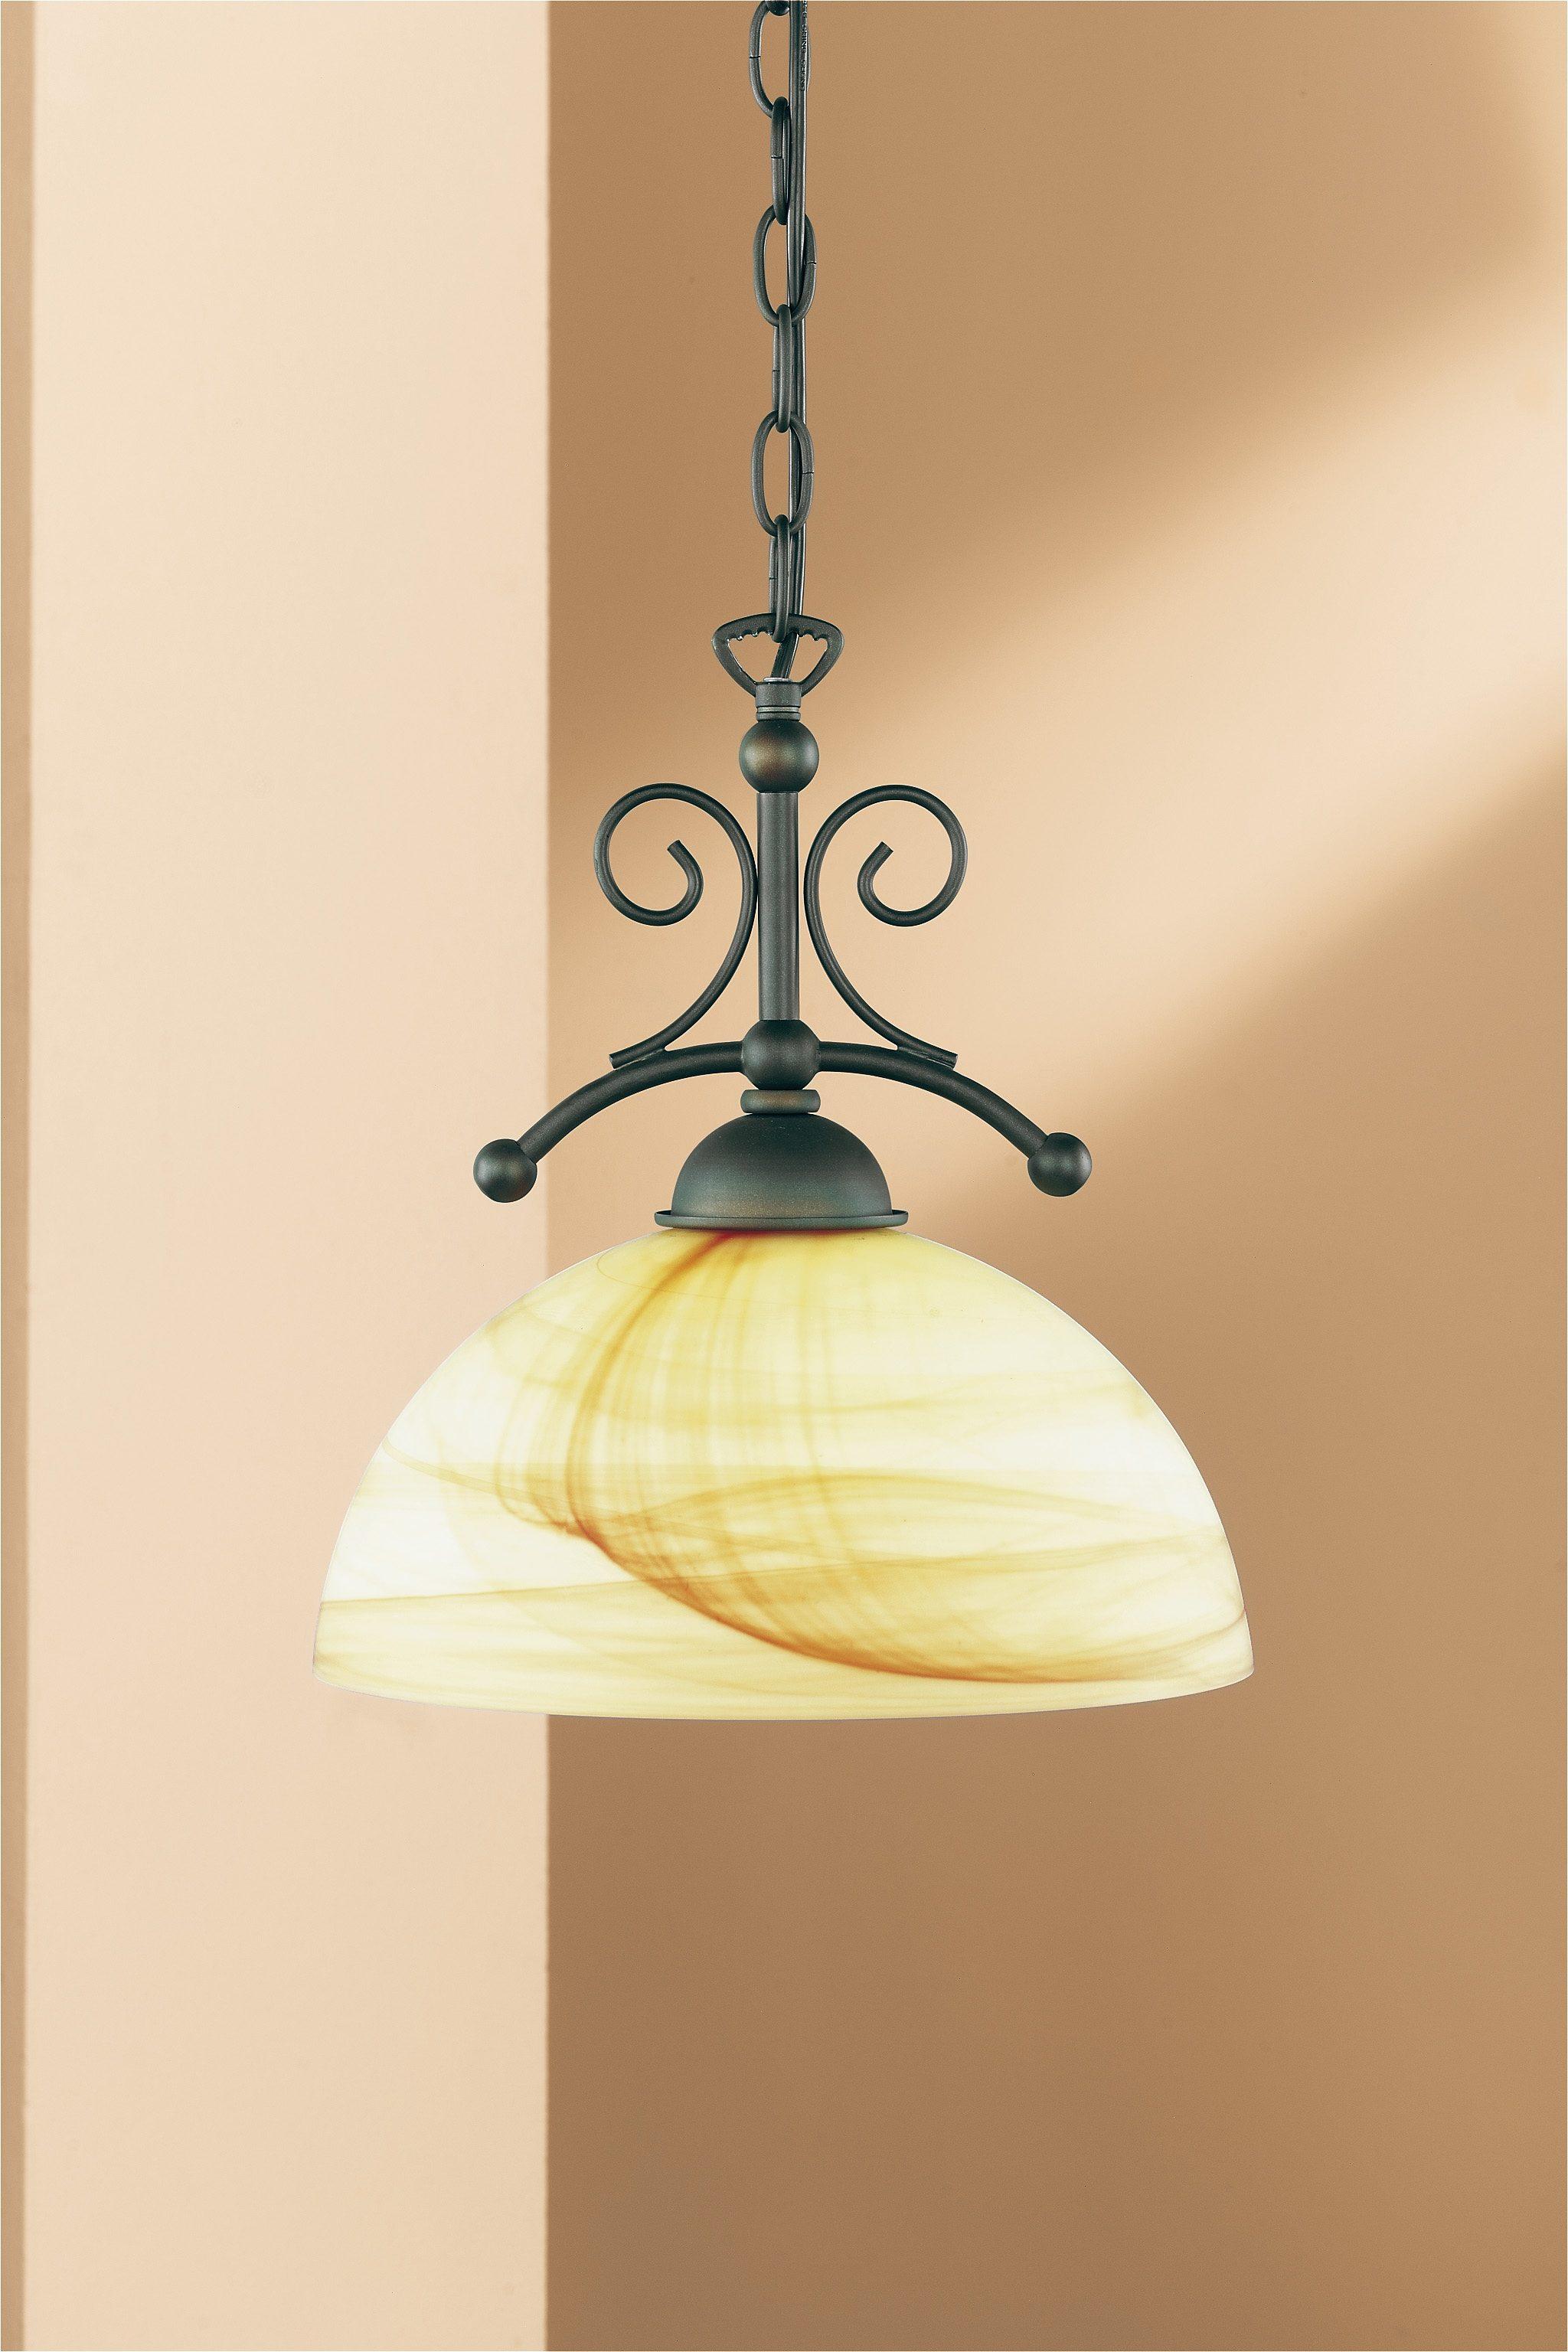 WOFI,Pendelleuchte»LACCHINO«,   Lampen > Deckenleuchten > Pendelleuchten   Braun   Glas   WOFI